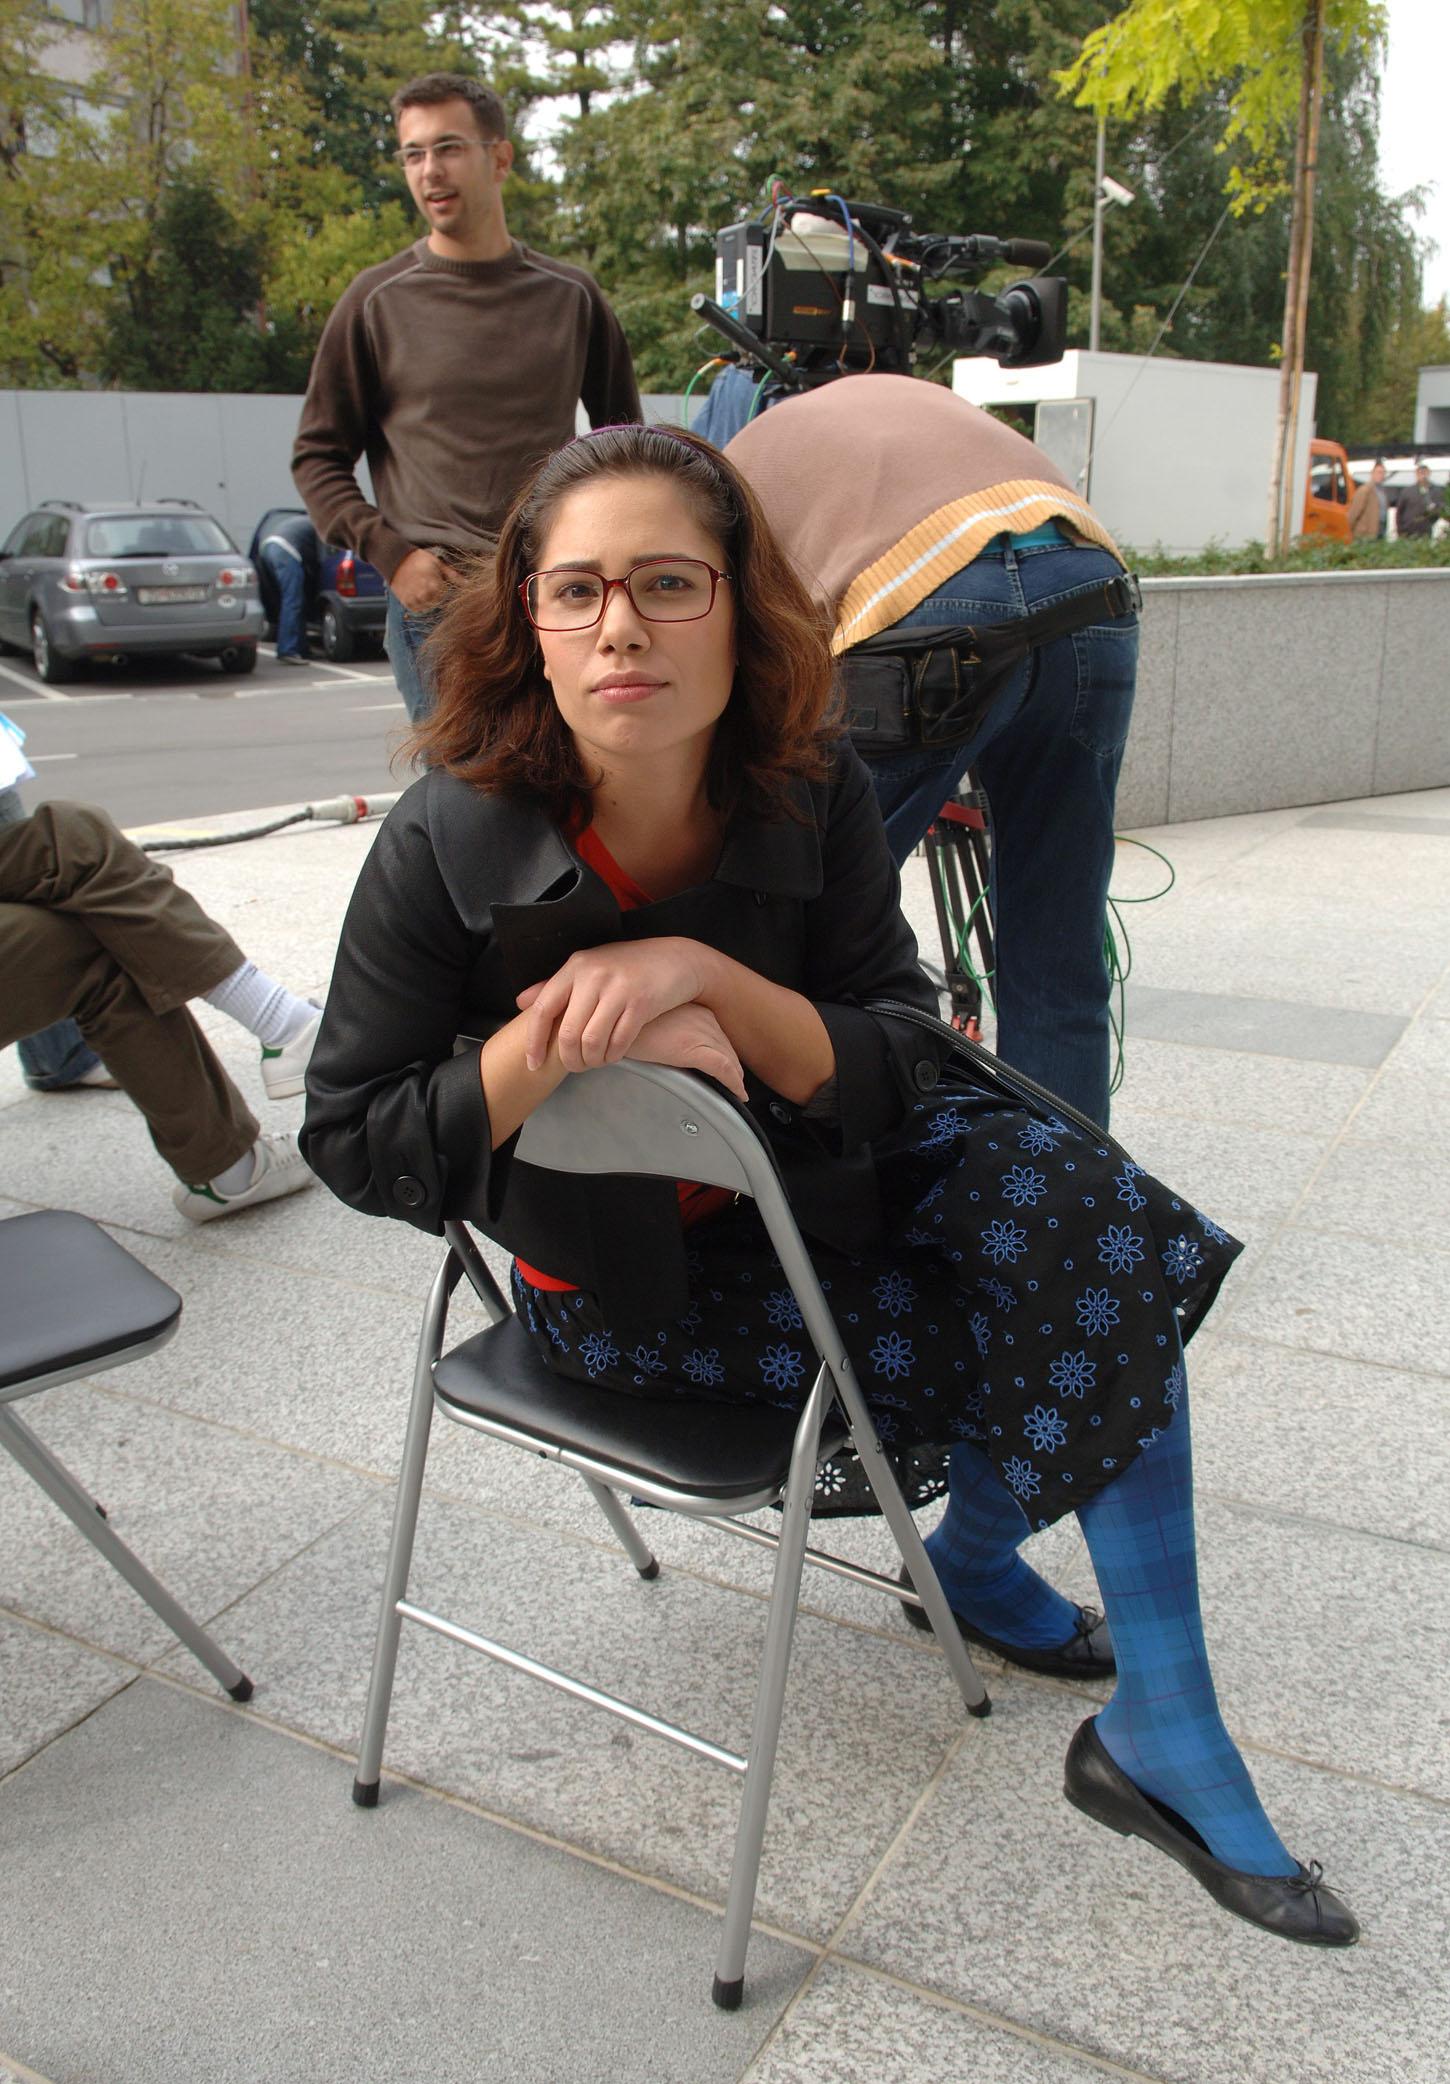 Zagreb, 121007.  Jadran film, Oporovecka.  U Jadran filmu,u studiju 2, je pocelo snimanje nove RTL-ove humoristicne tv serije